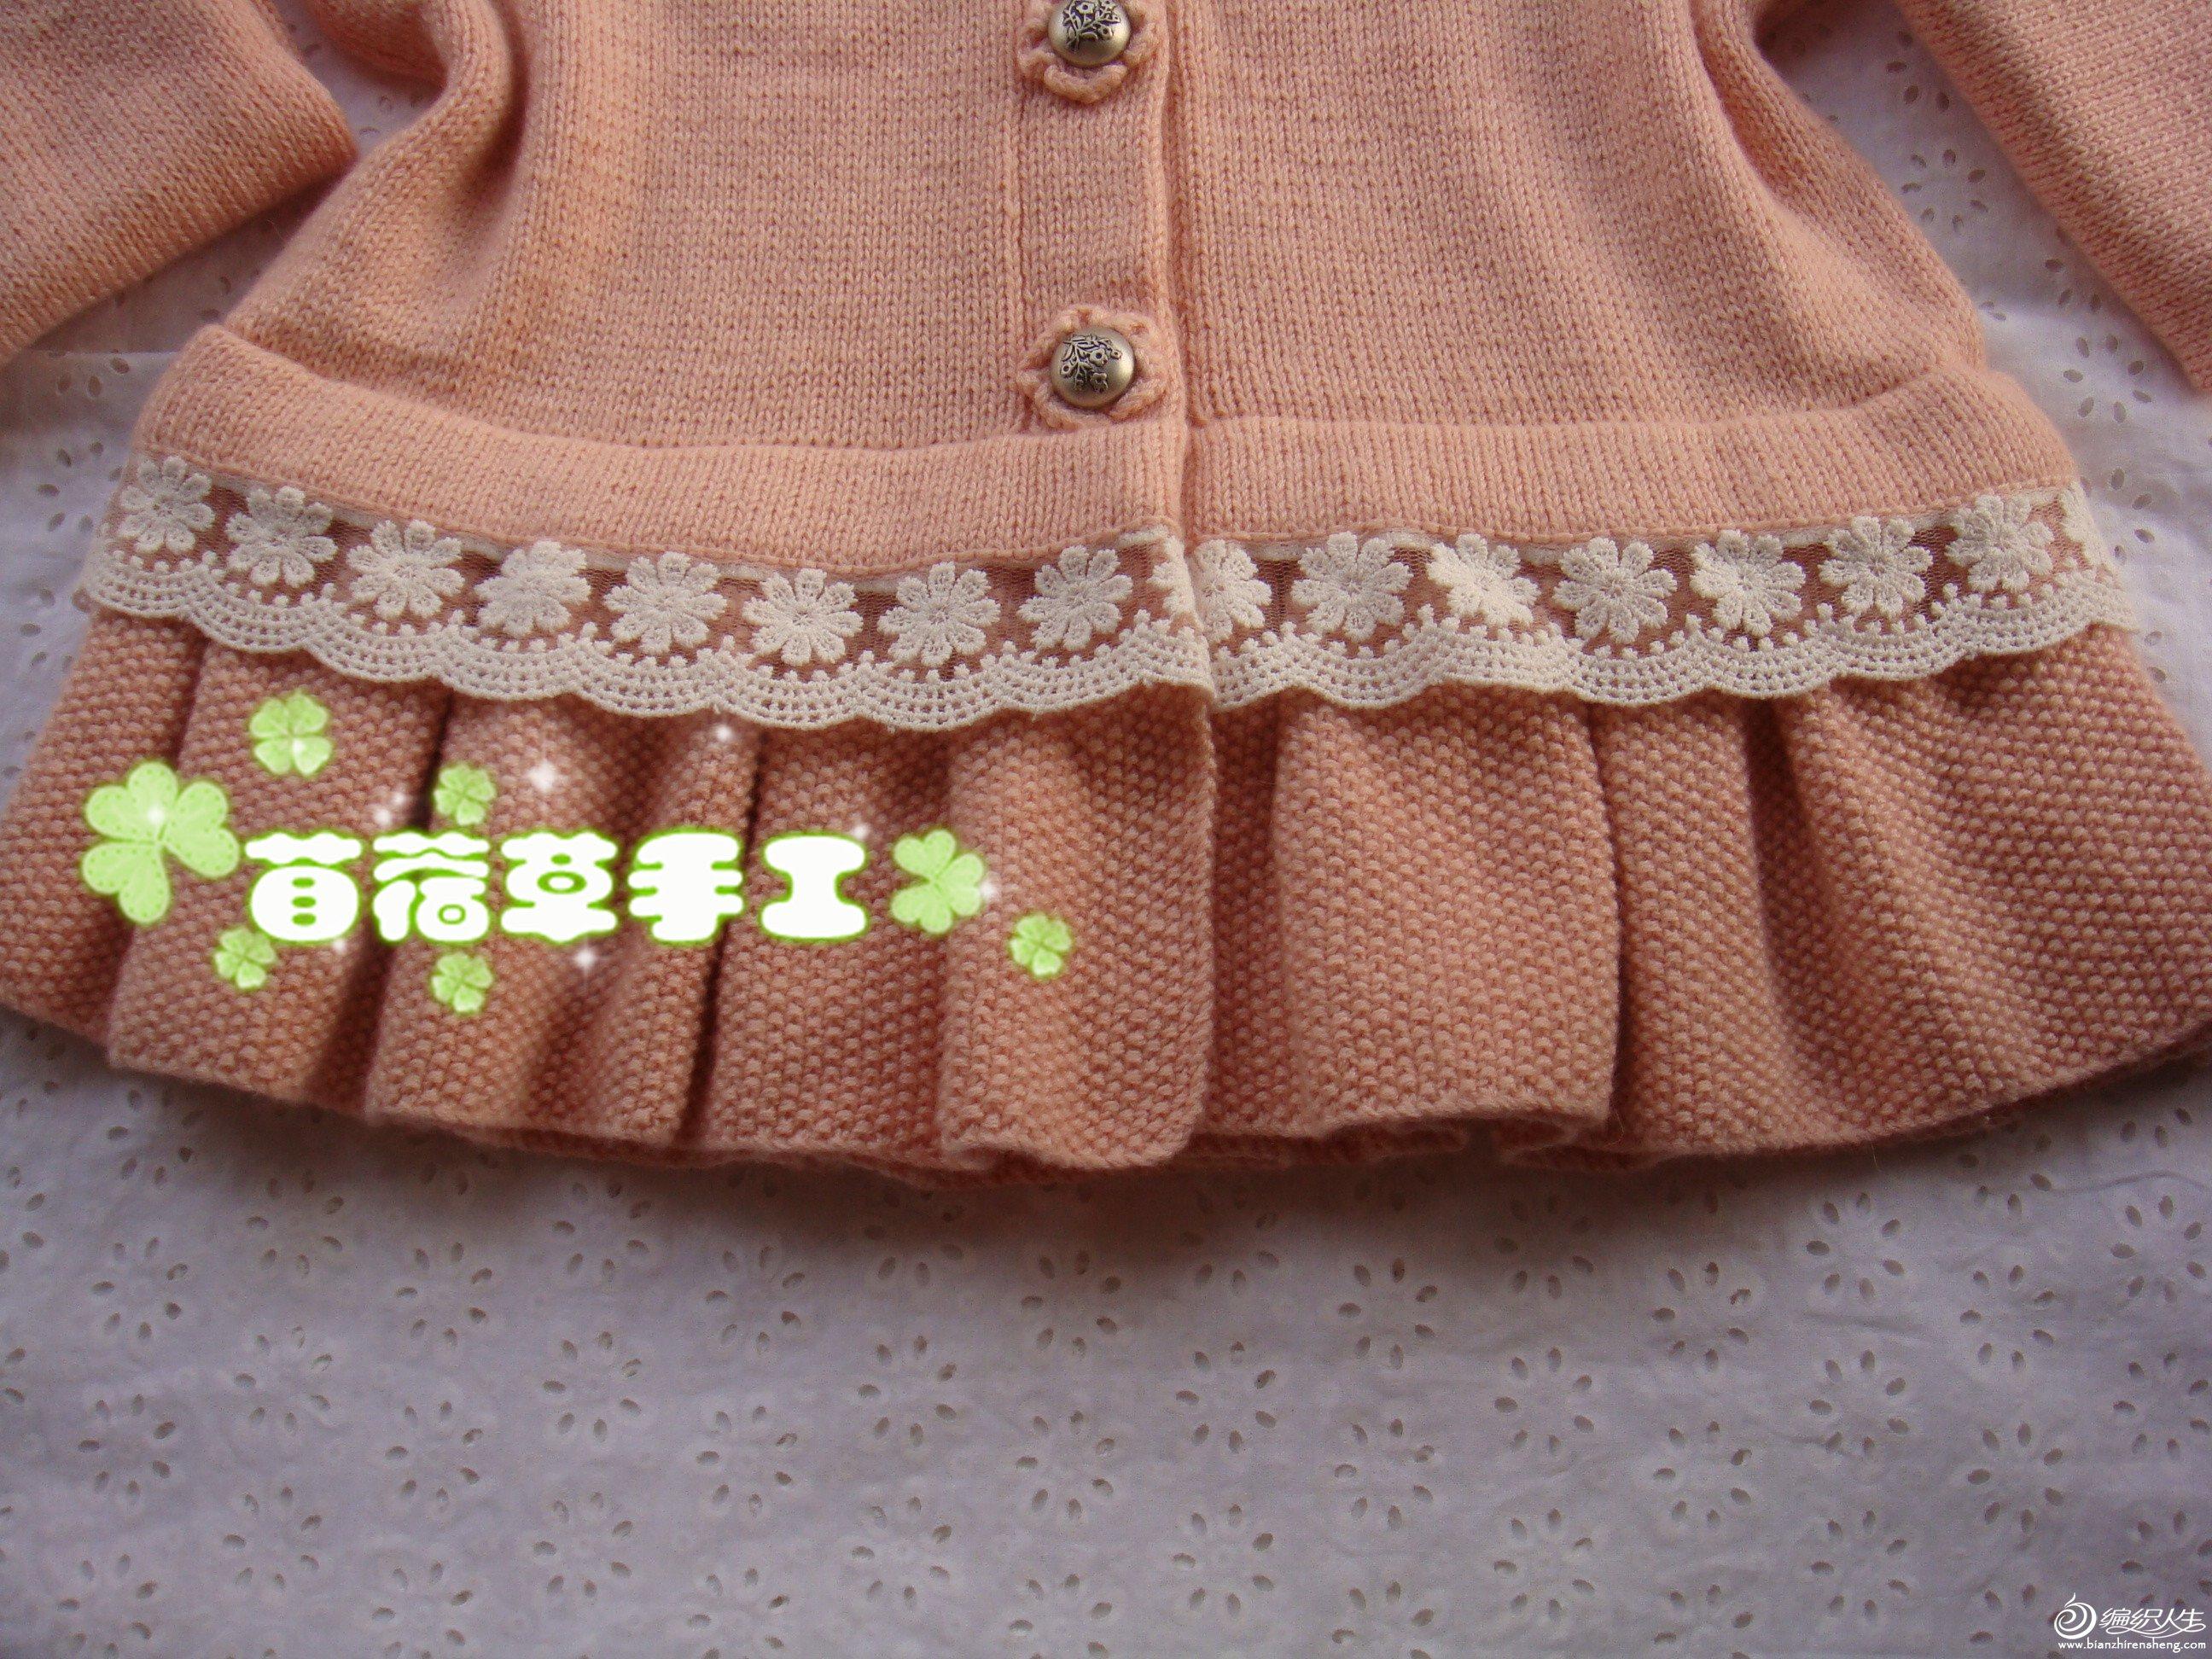 DSC06399_副本.jpg